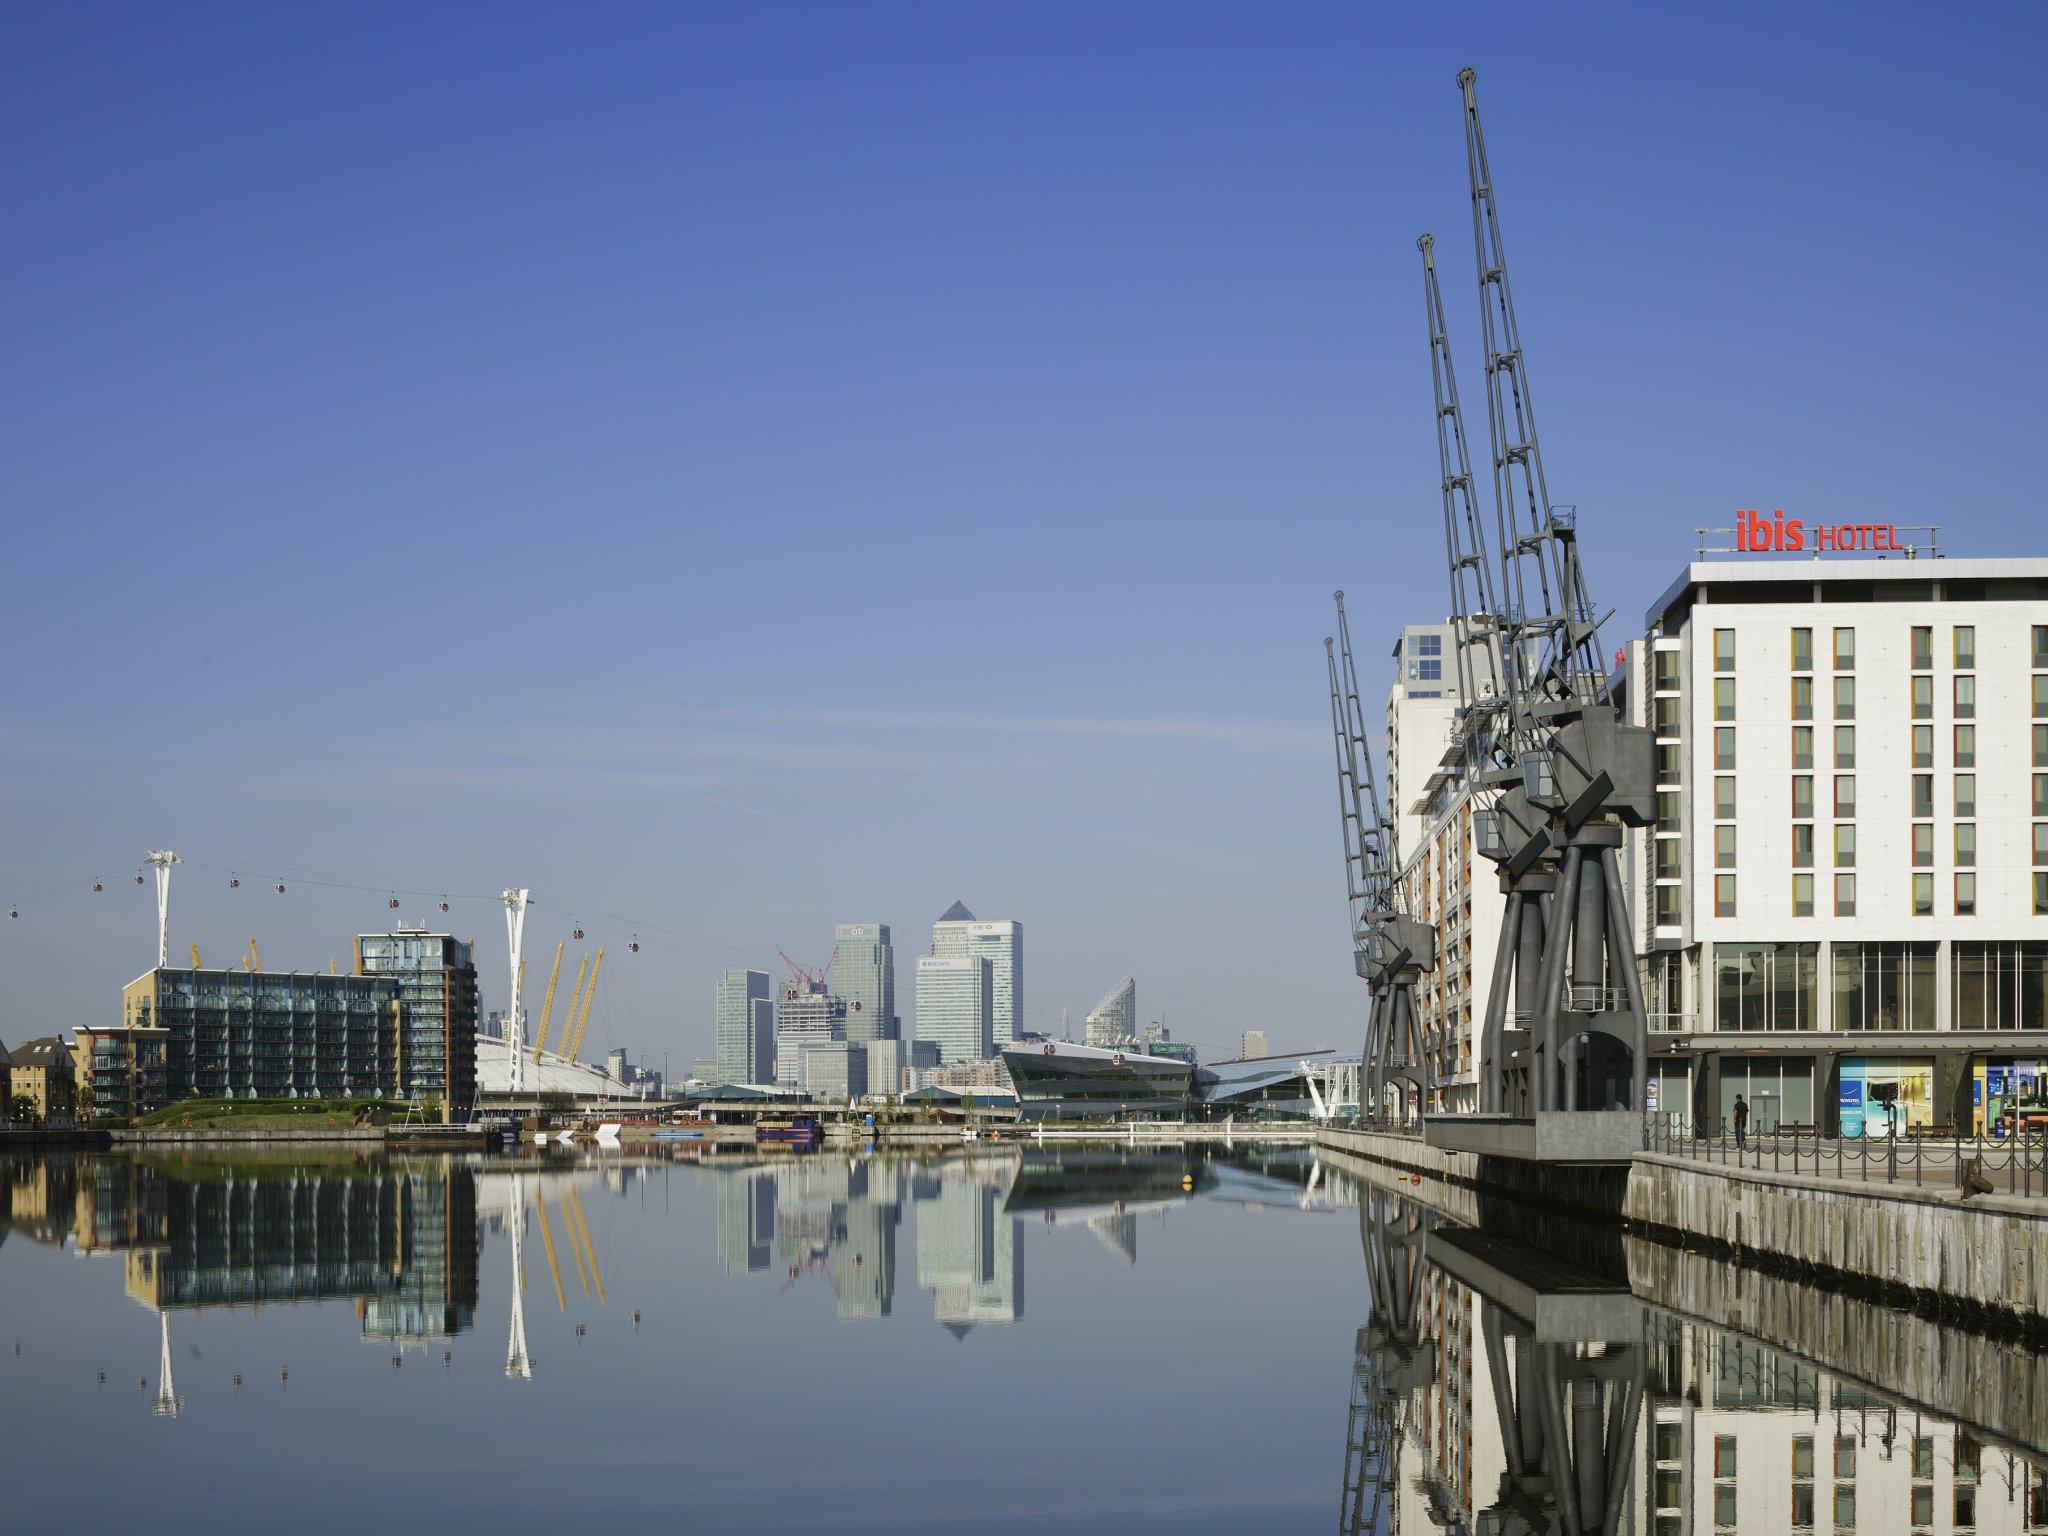 Ibis Hotel Royal Victoria Dock